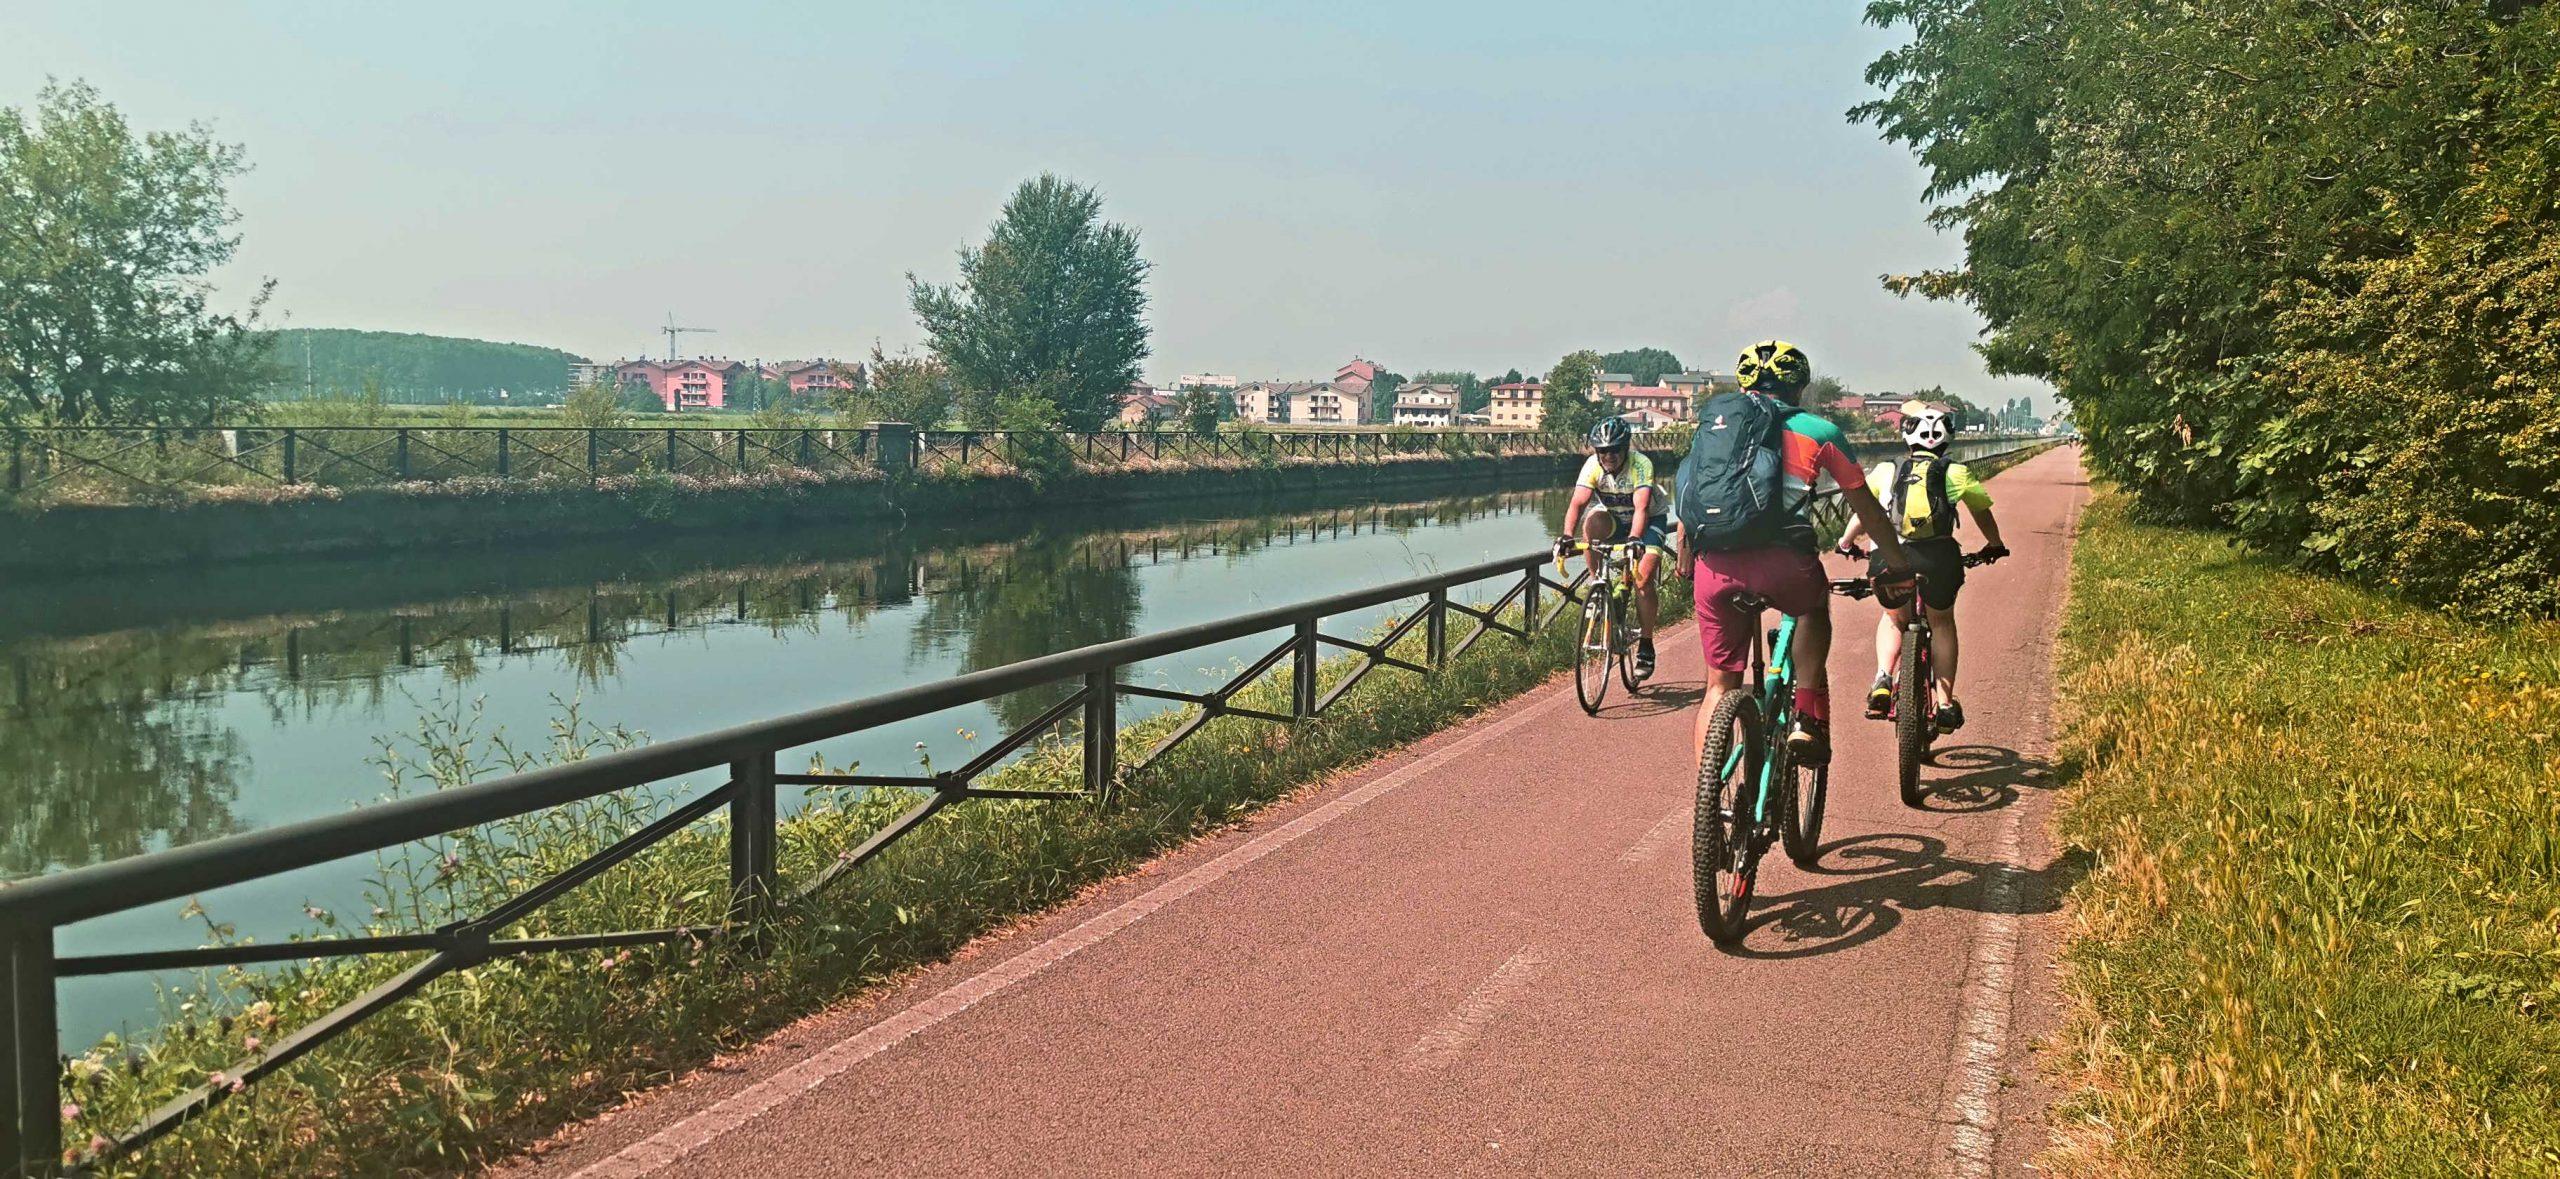 De Milán a Abbiategrasso en bici siguiendo el Naviglio Grande